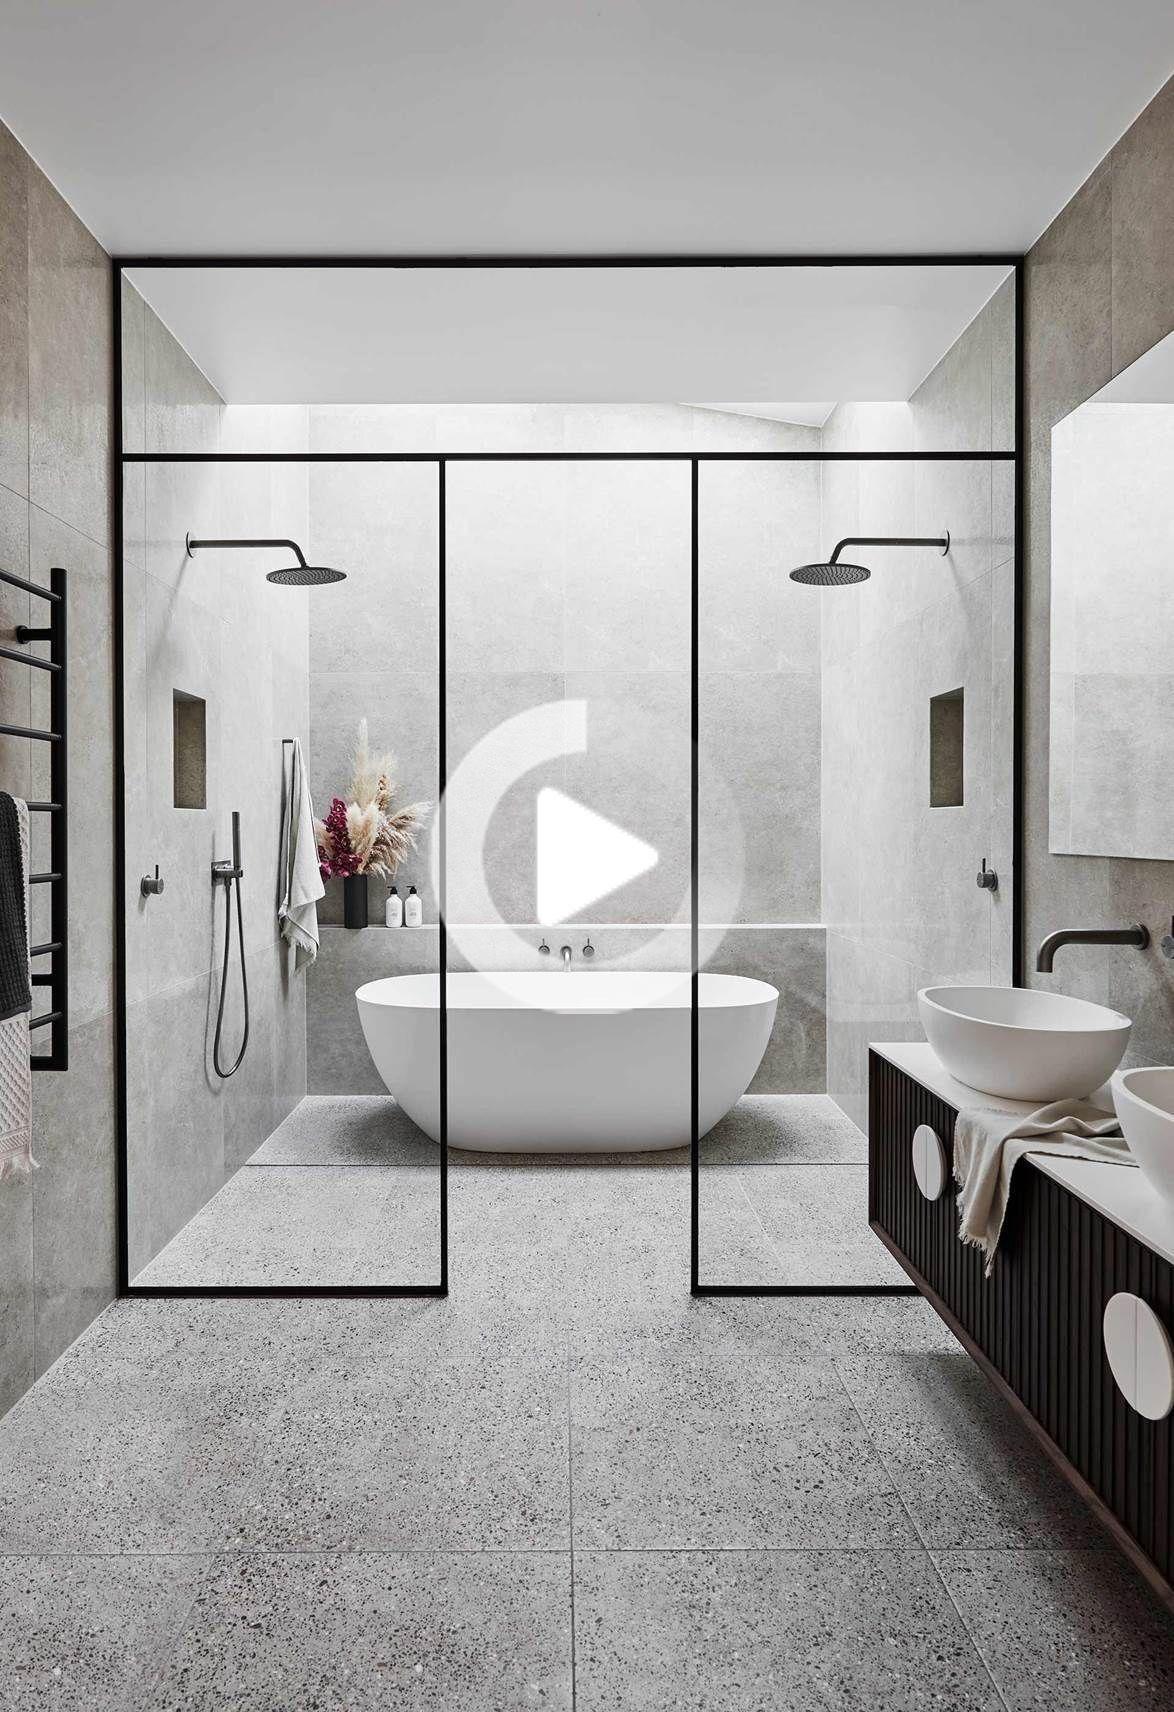 25+ Belleza Colección Limitar Botiquín in 2020 | Top bathroom design,  Modern small bathrooms, Small bathroom